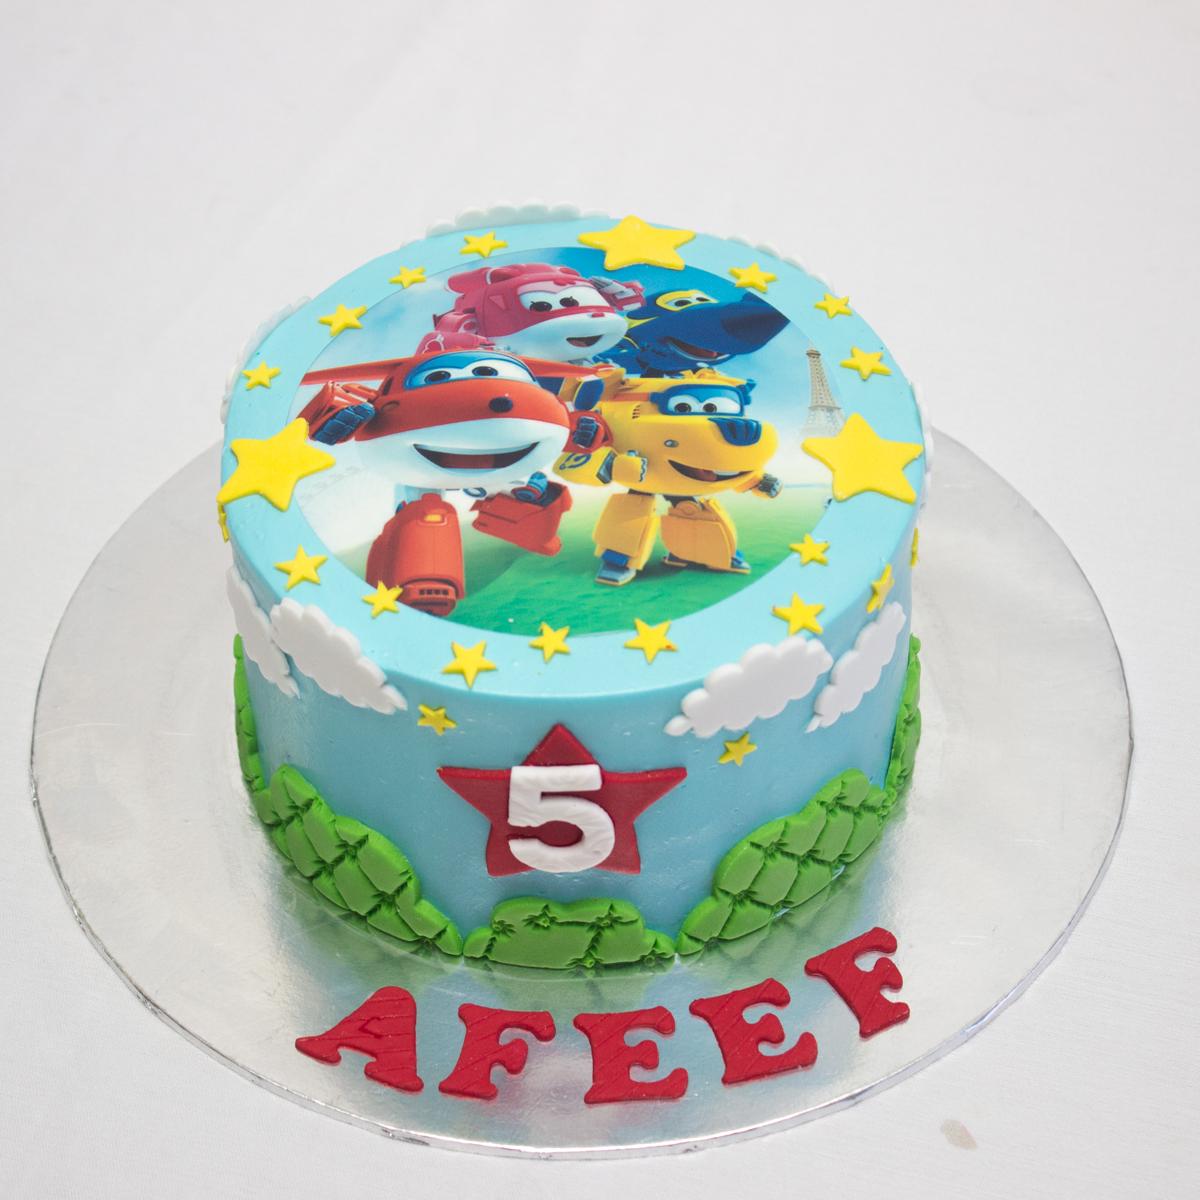 Sexy Cake Design